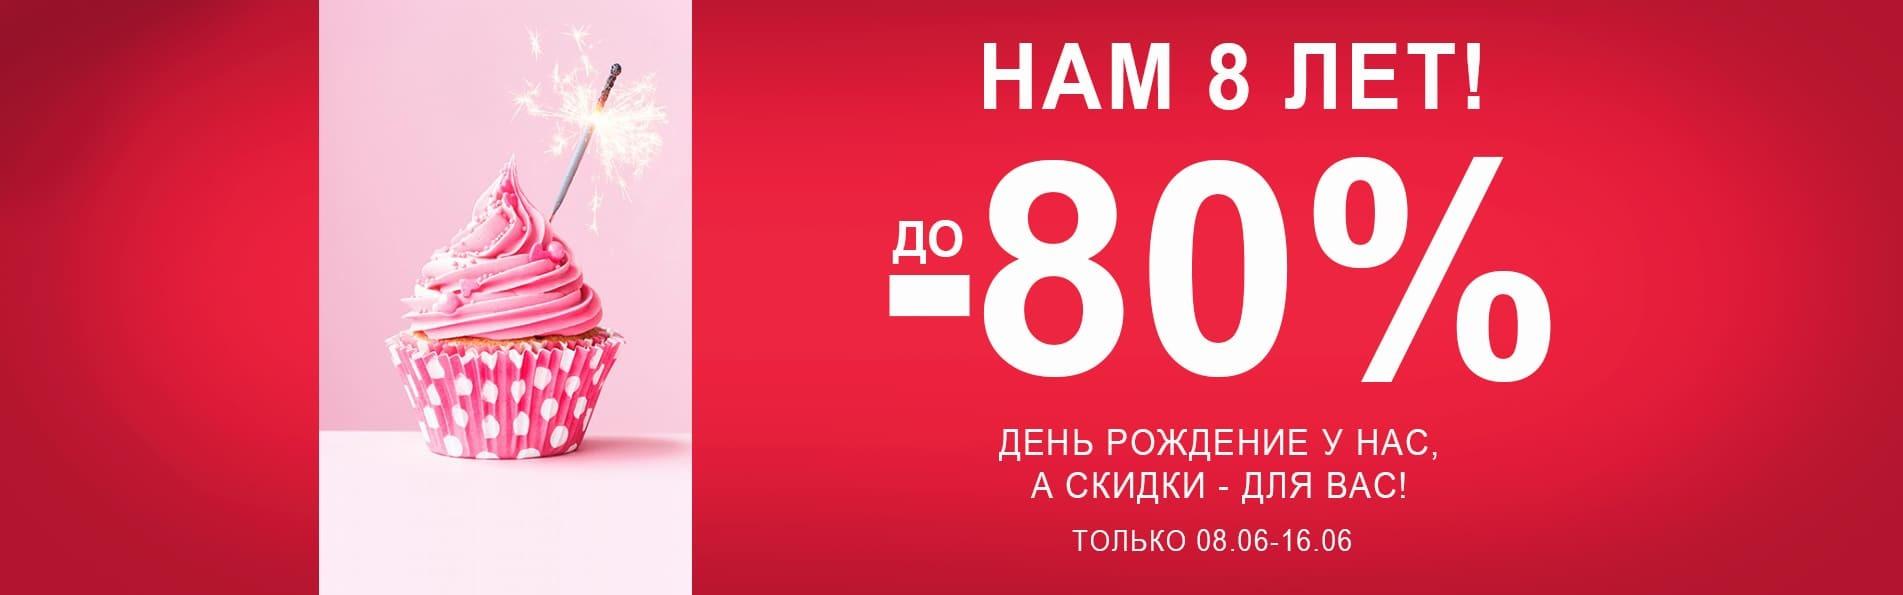 c173e0425d20 Мужская брендовая одежда. Купить брендовую мужскую одежду в Одессе в  магазине мужской одежды Глазурь